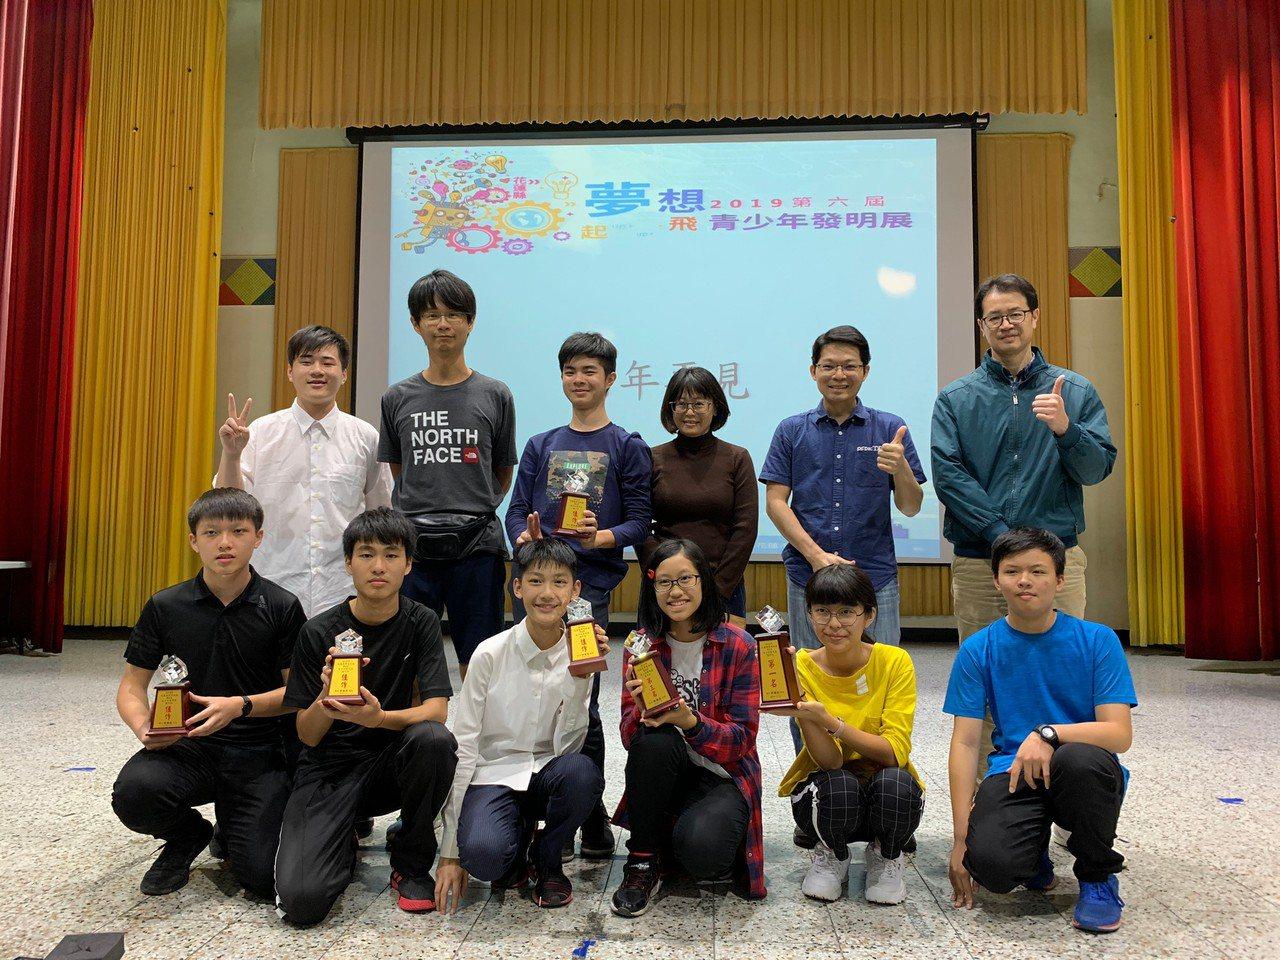 花蓮自強國中學生參加全縣發明展,獲得國中組冠軍、季軍和4件佳作。圖/自強國中提供